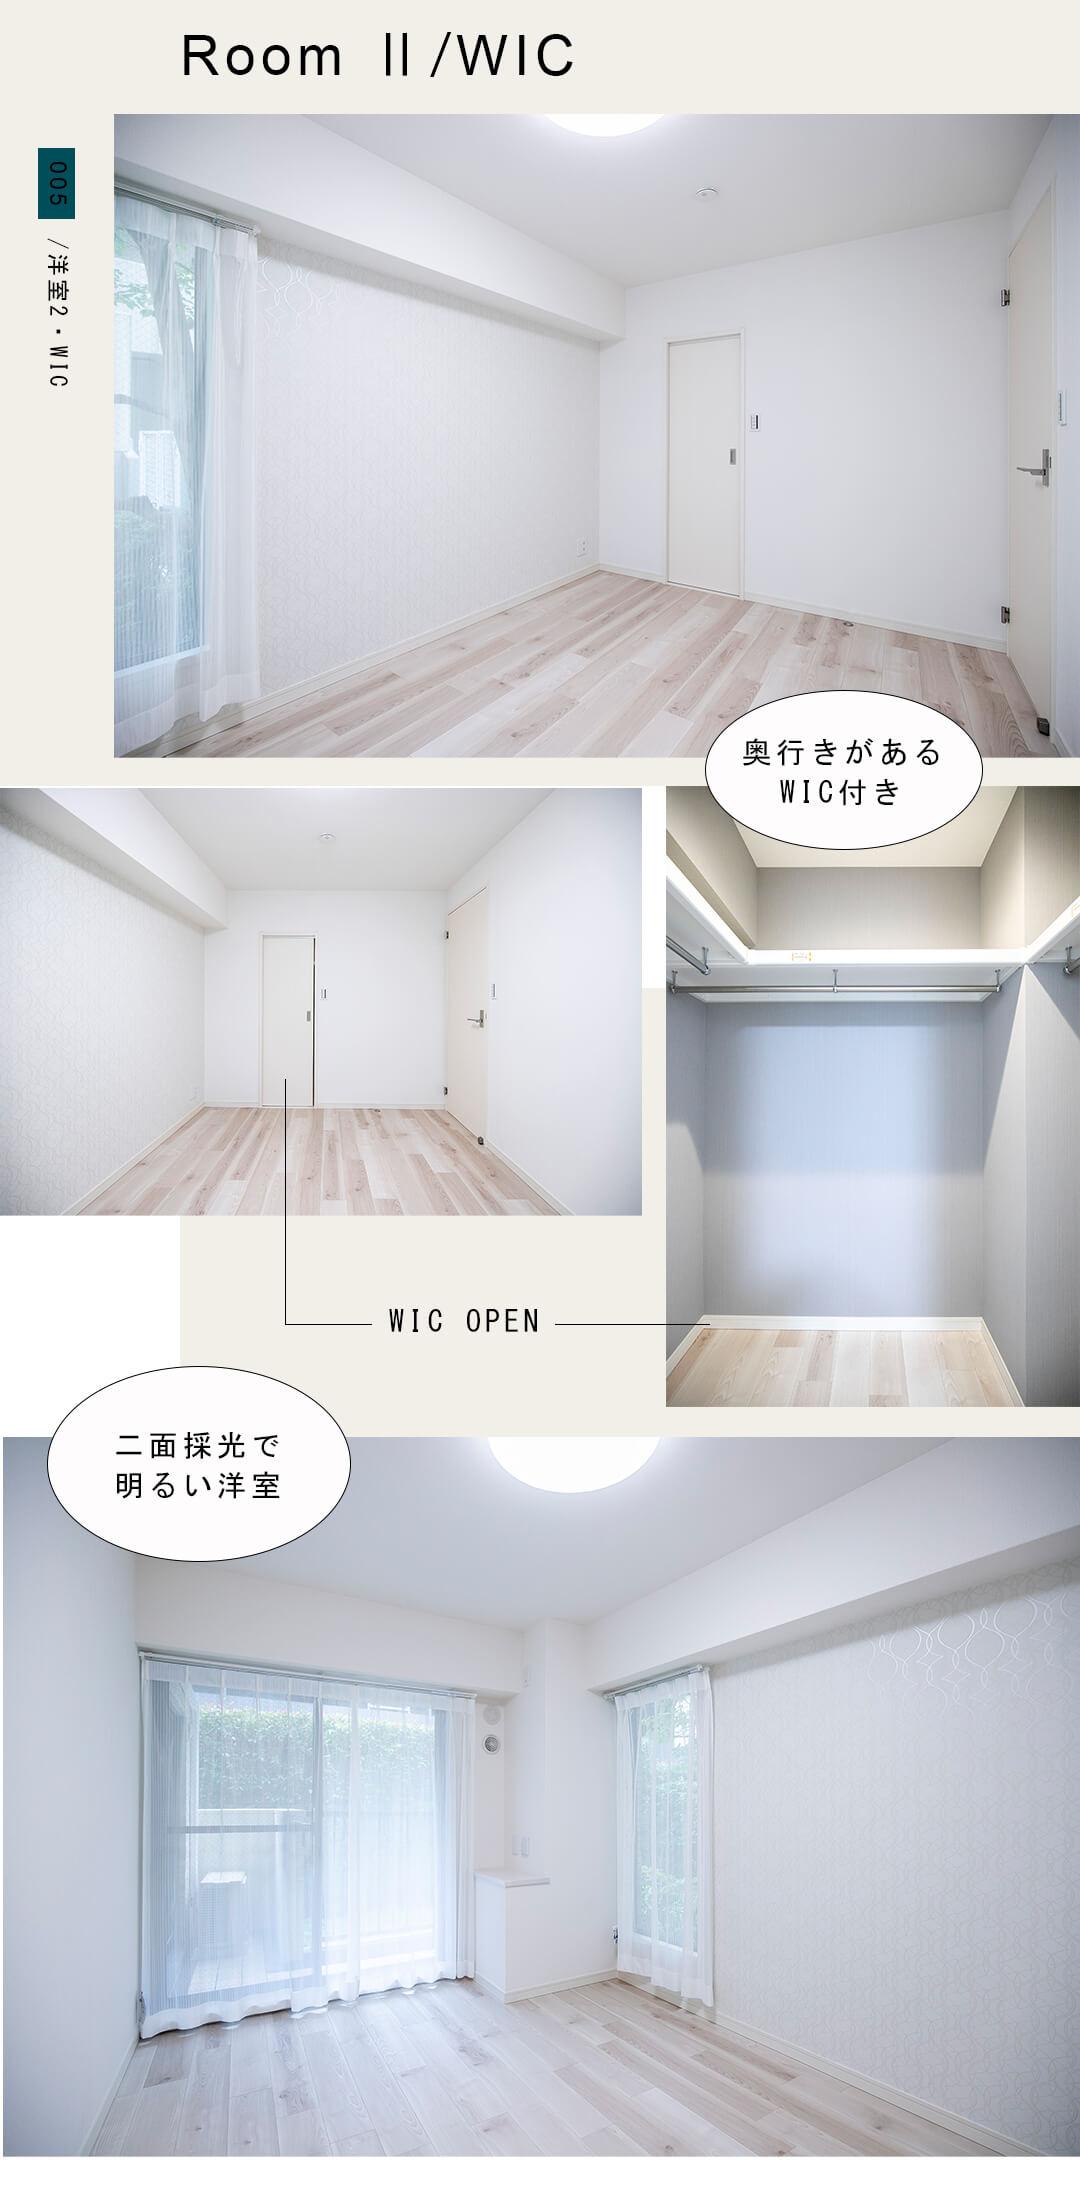 005洋室2,Room Ⅱ,WIC